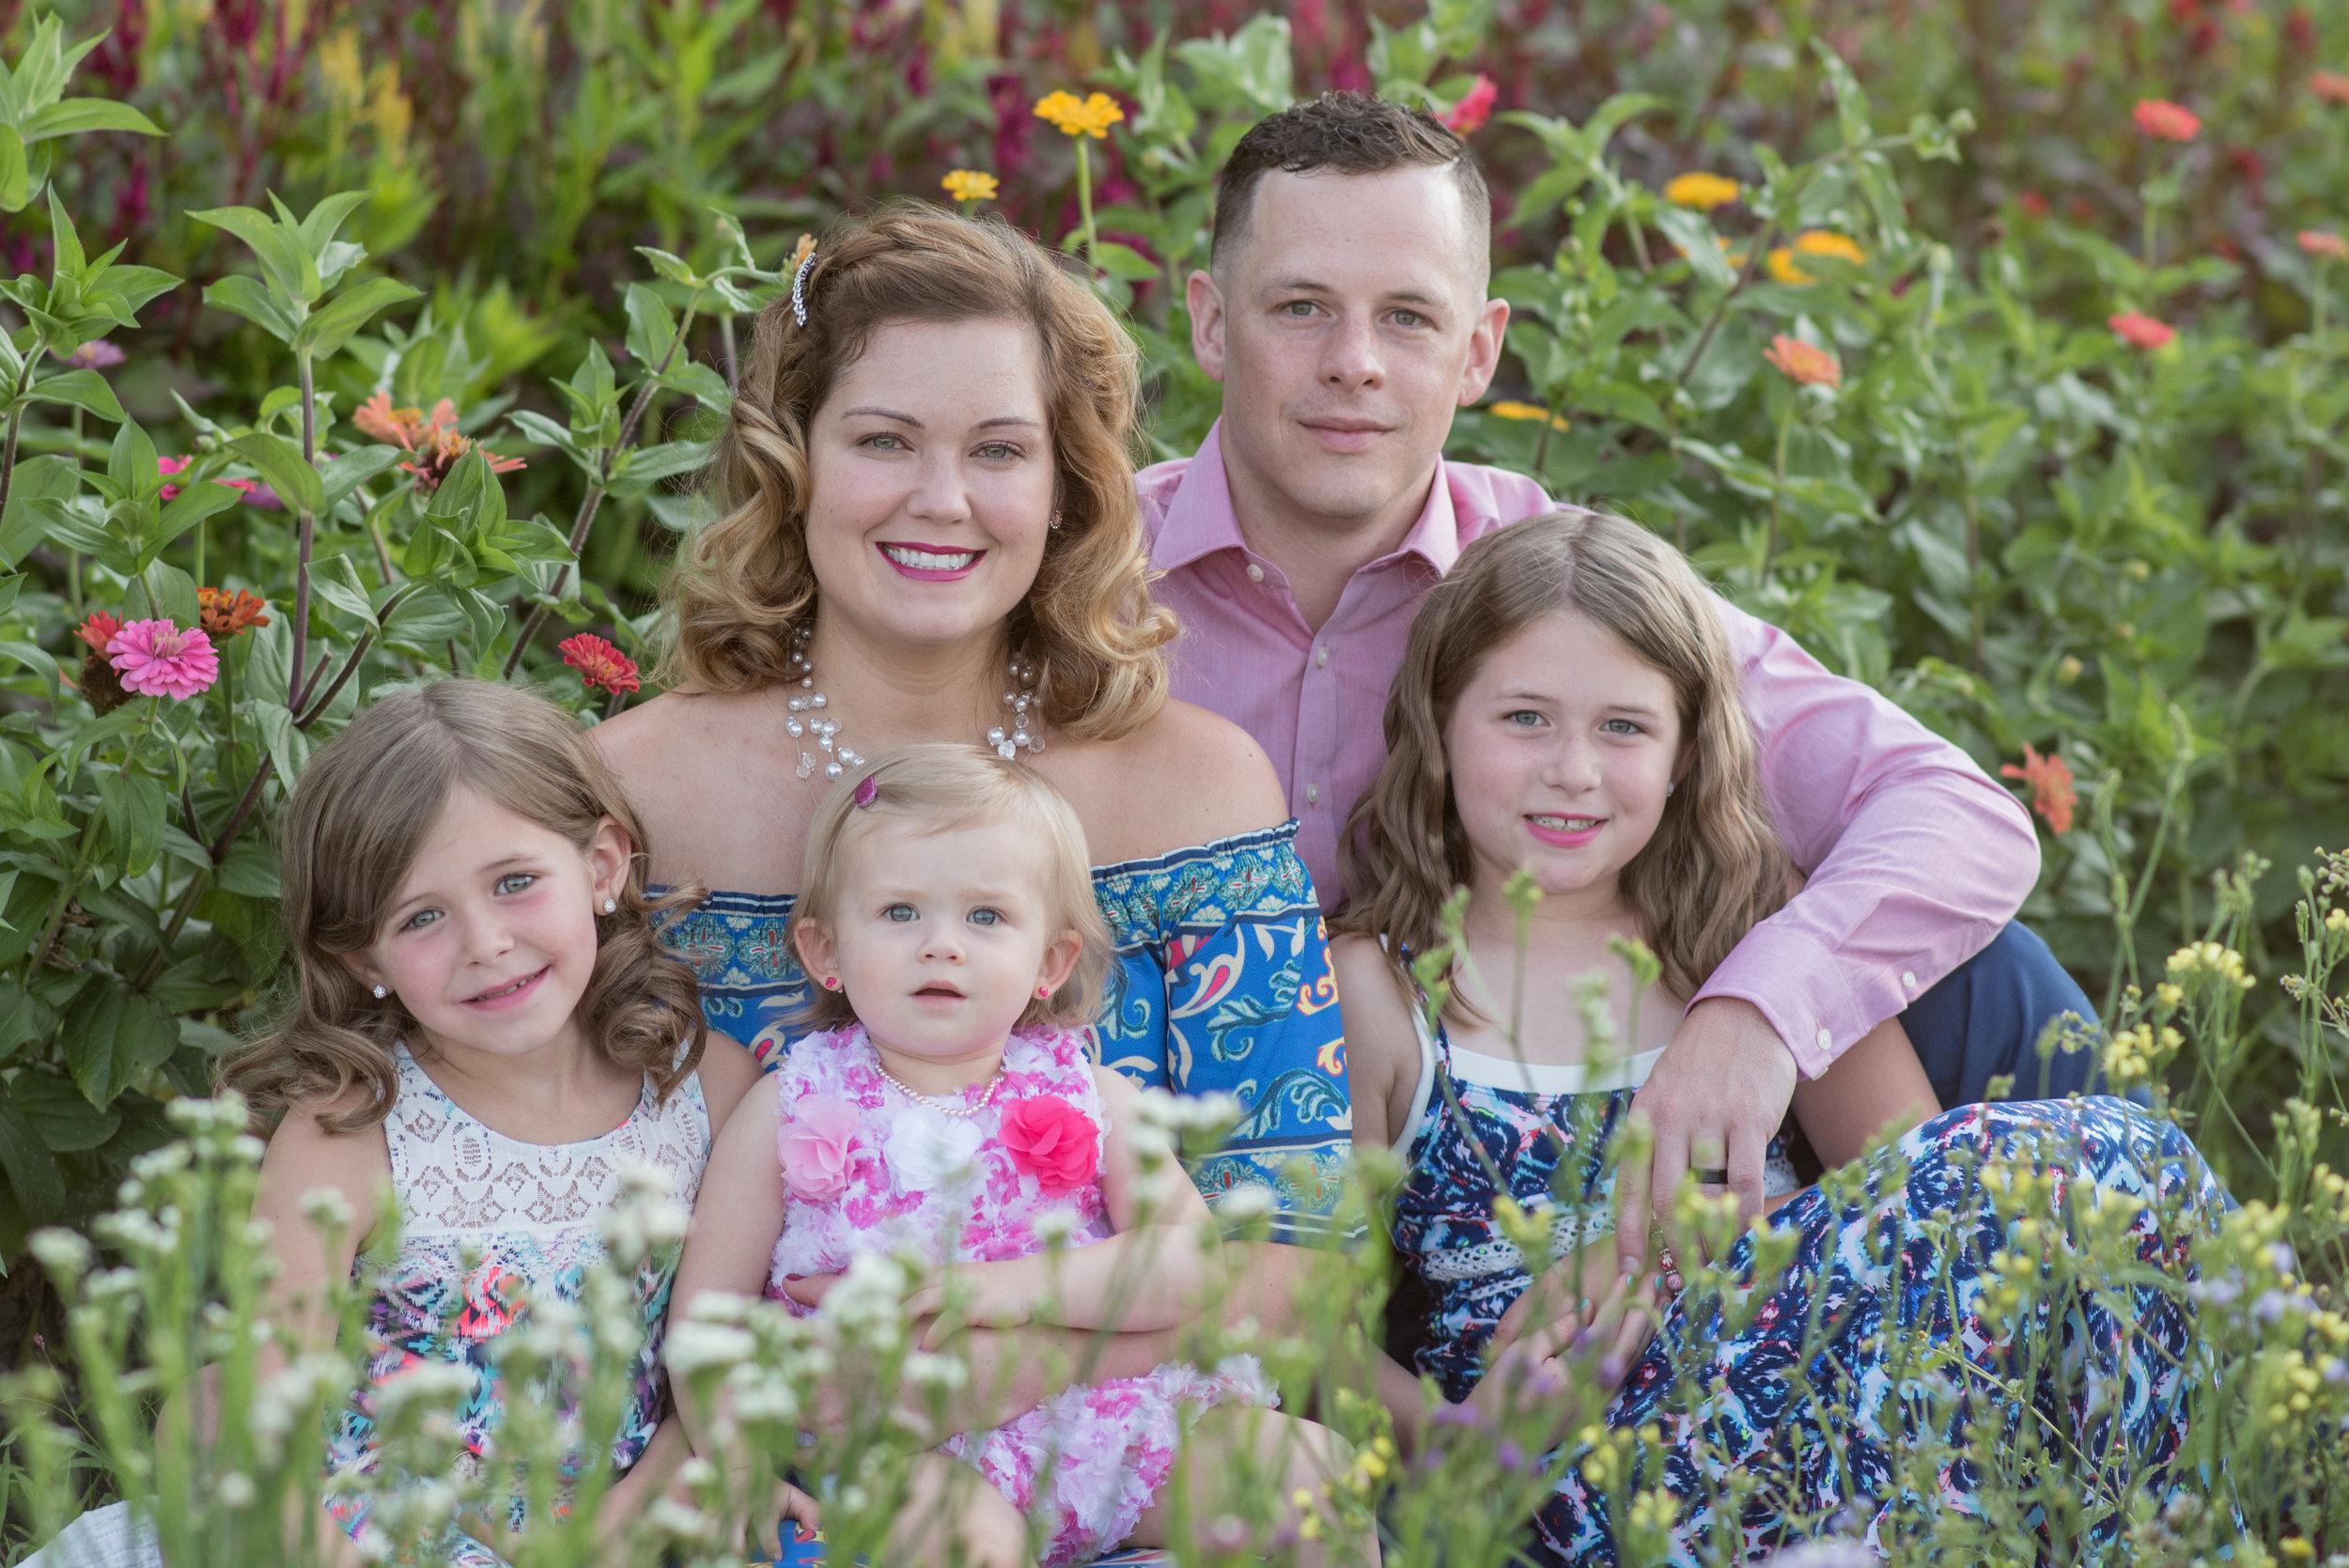 pall family-2.jpg